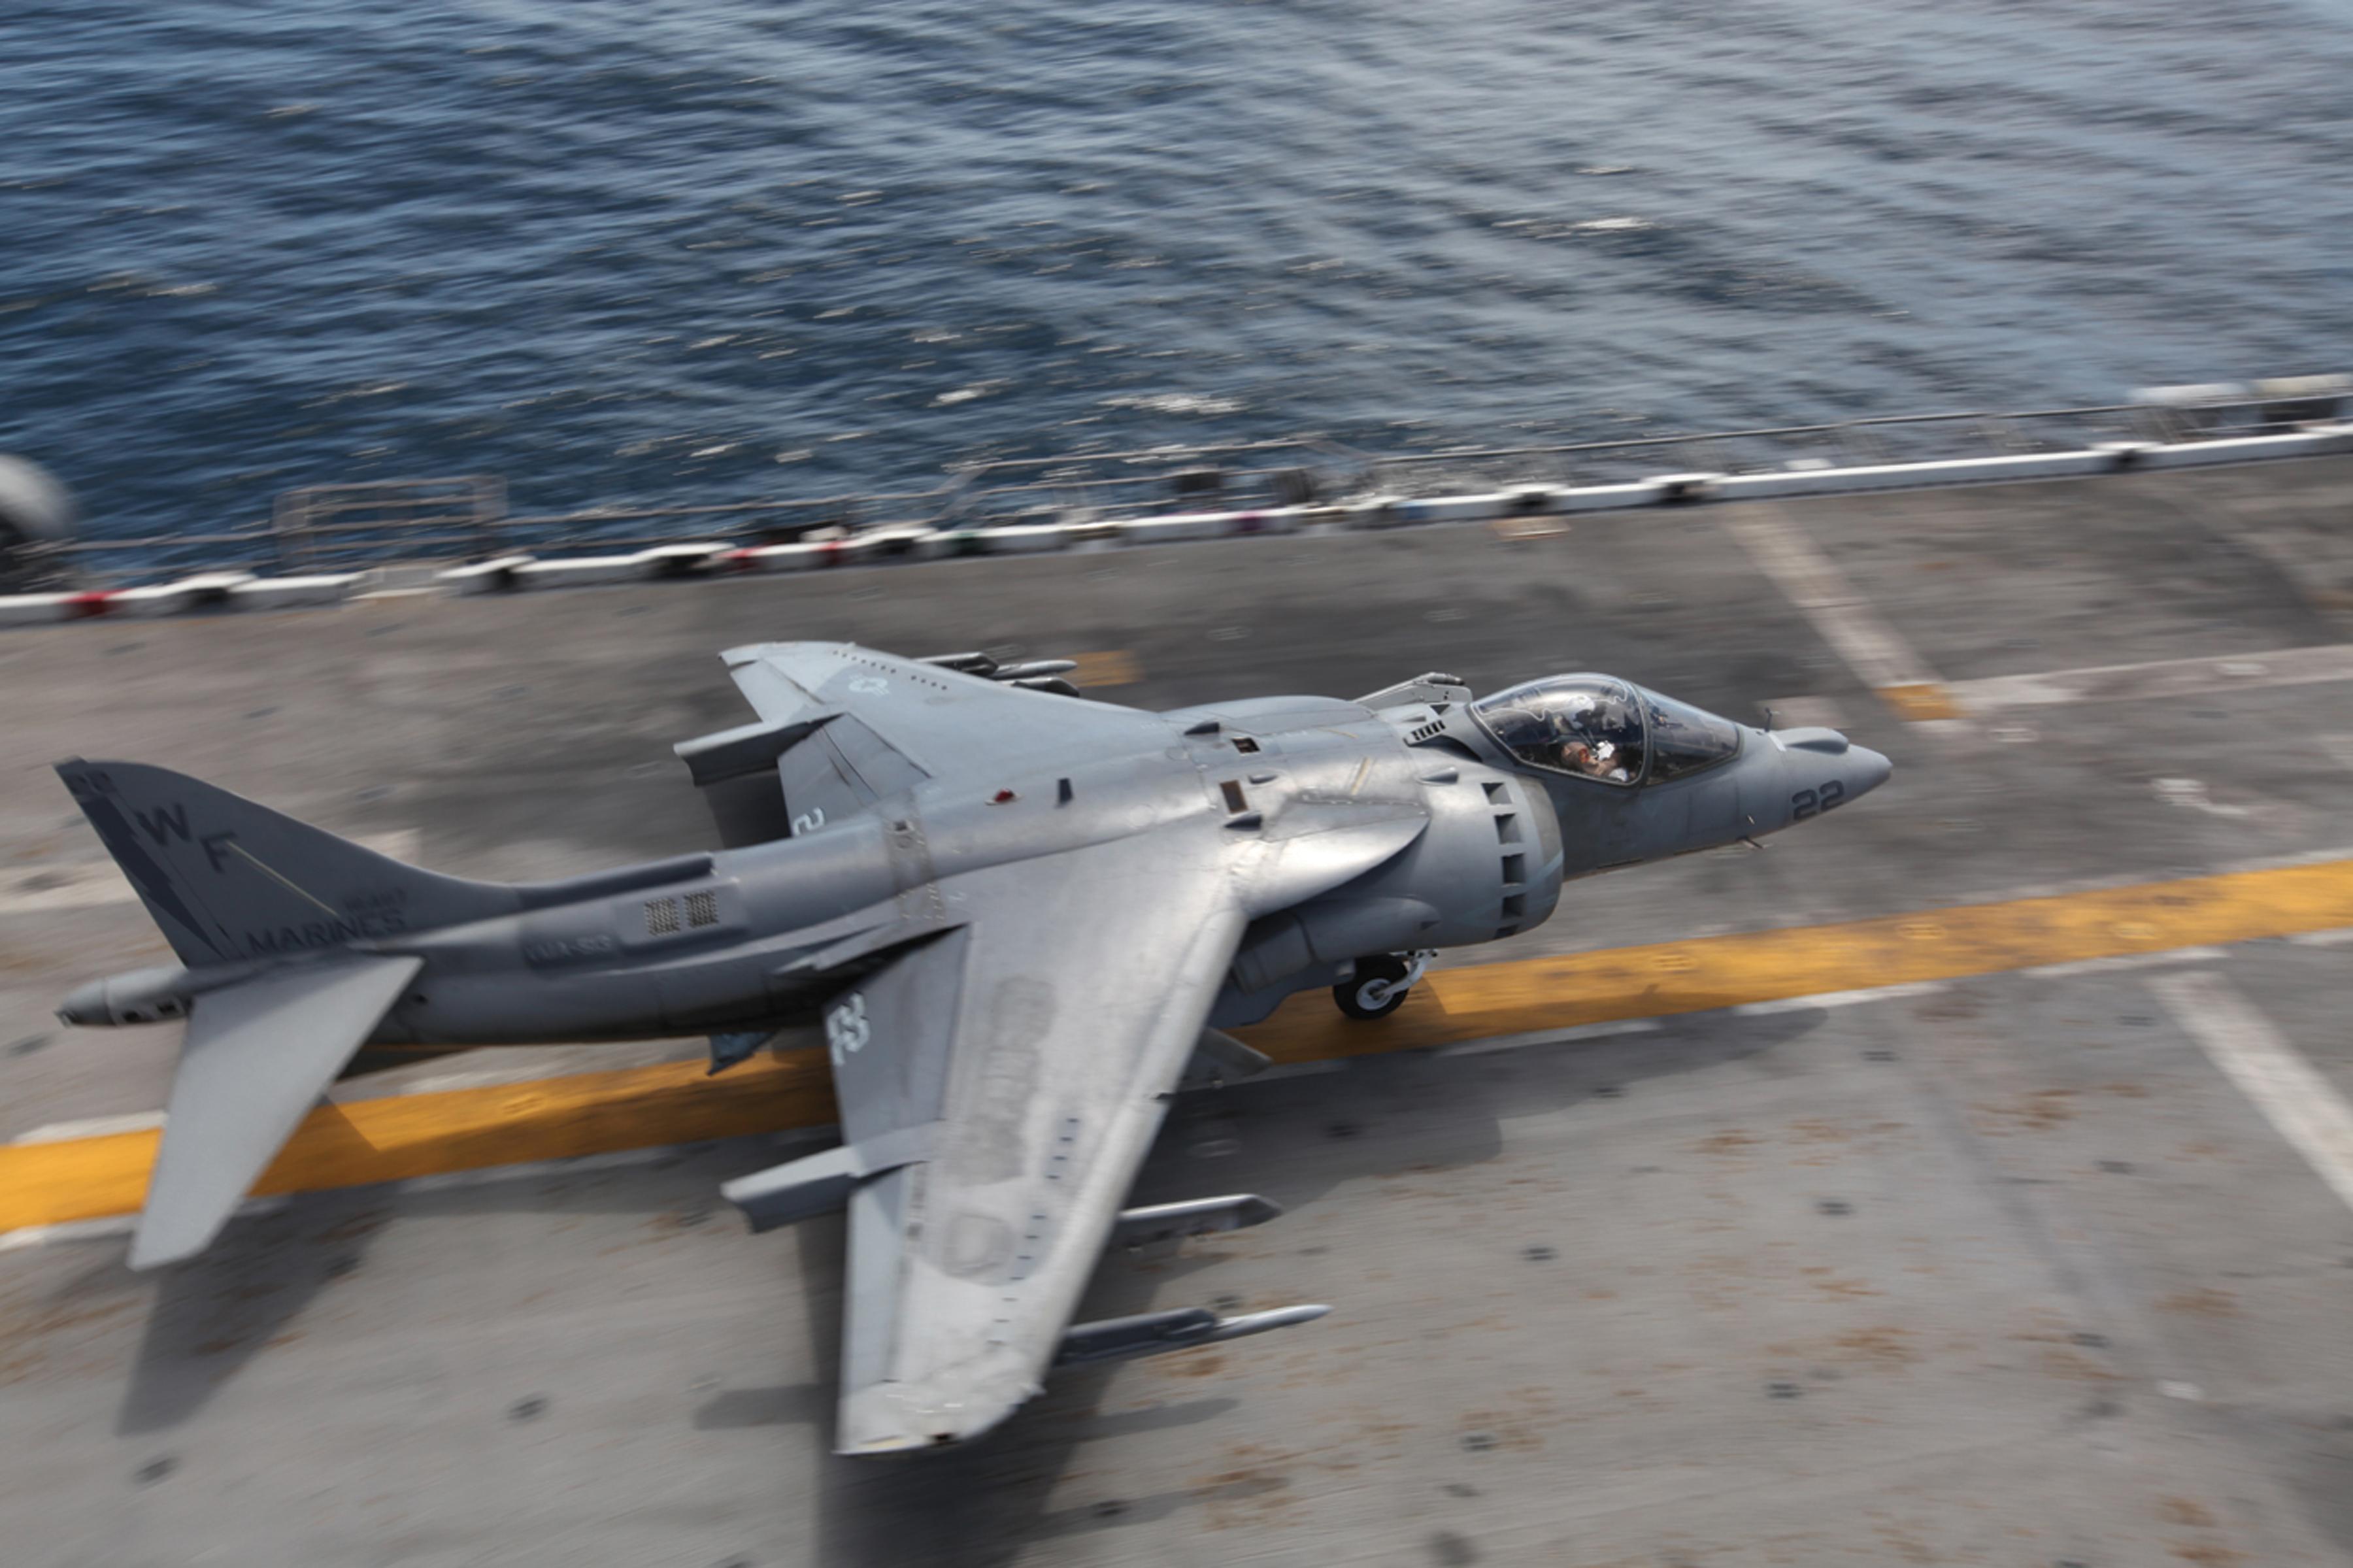 File:USMC-100526-M-XXXXX-002.jpg - Wikimedia Commons